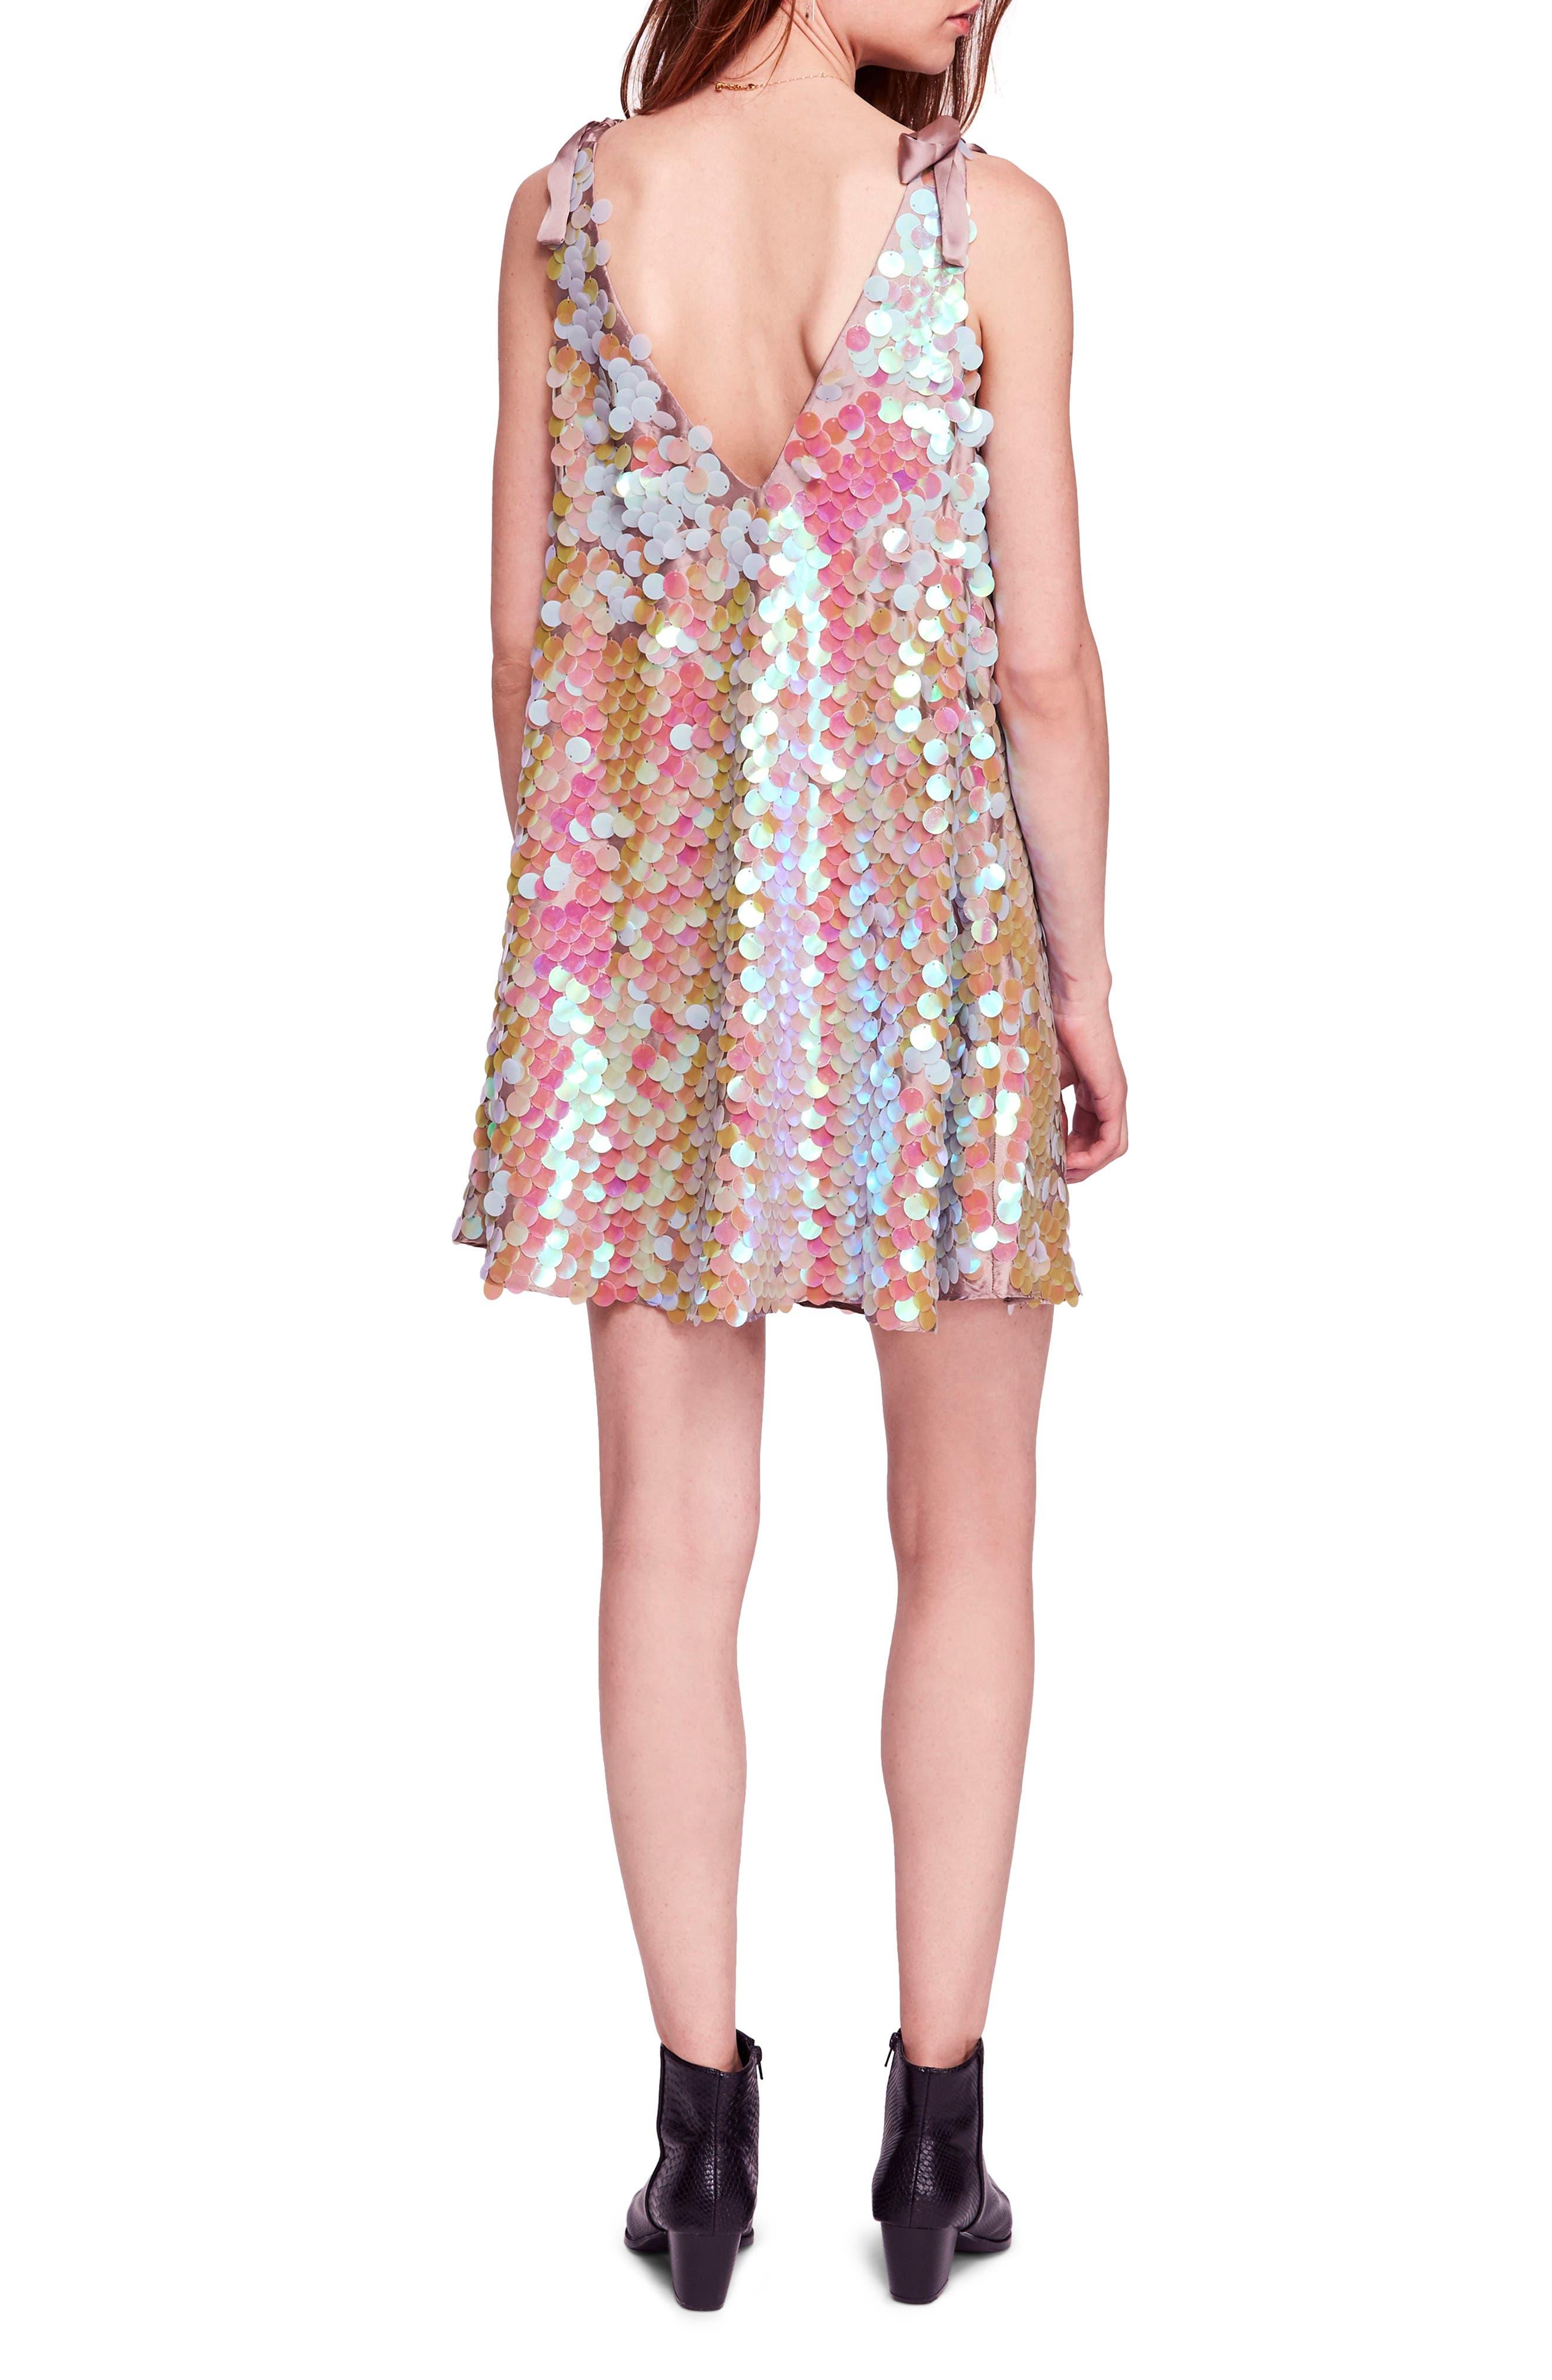 Penelope Glitter Disc Sequin Swing Dress,                             Alternate thumbnail 2, color,                             440